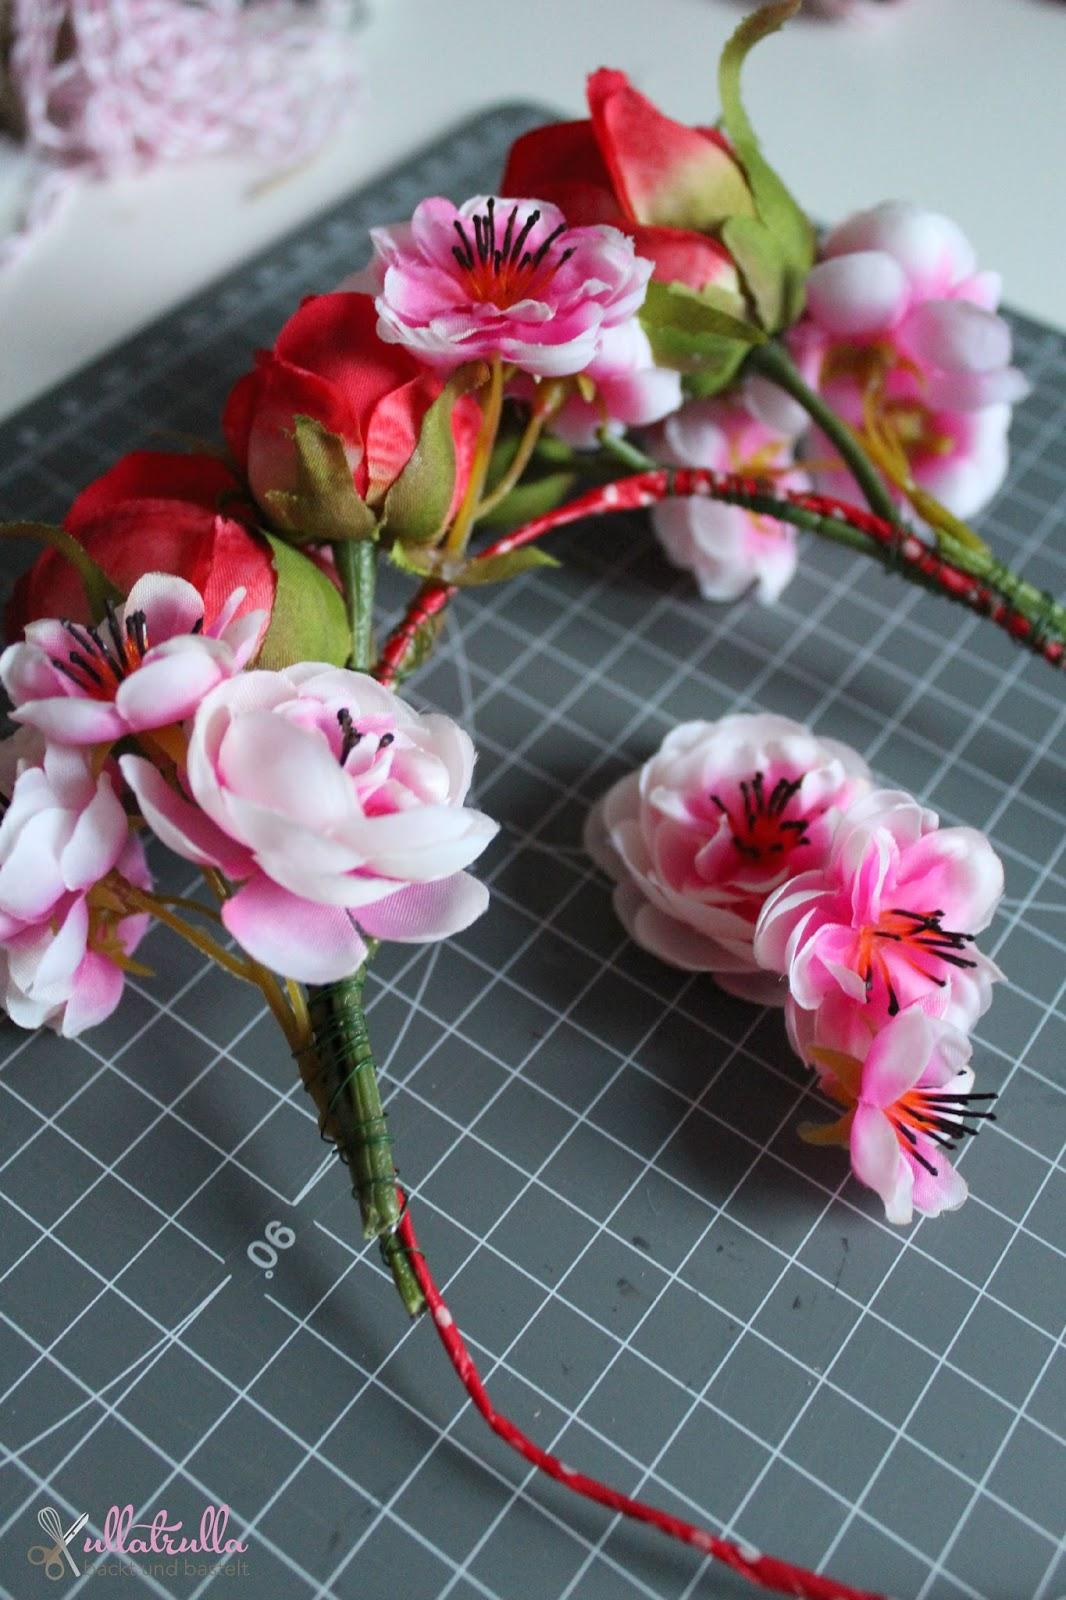 ullatrulla backt und bastelt diy f r einen bl tenkrone f r kinder rosen tulpen nelken diese. Black Bedroom Furniture Sets. Home Design Ideas